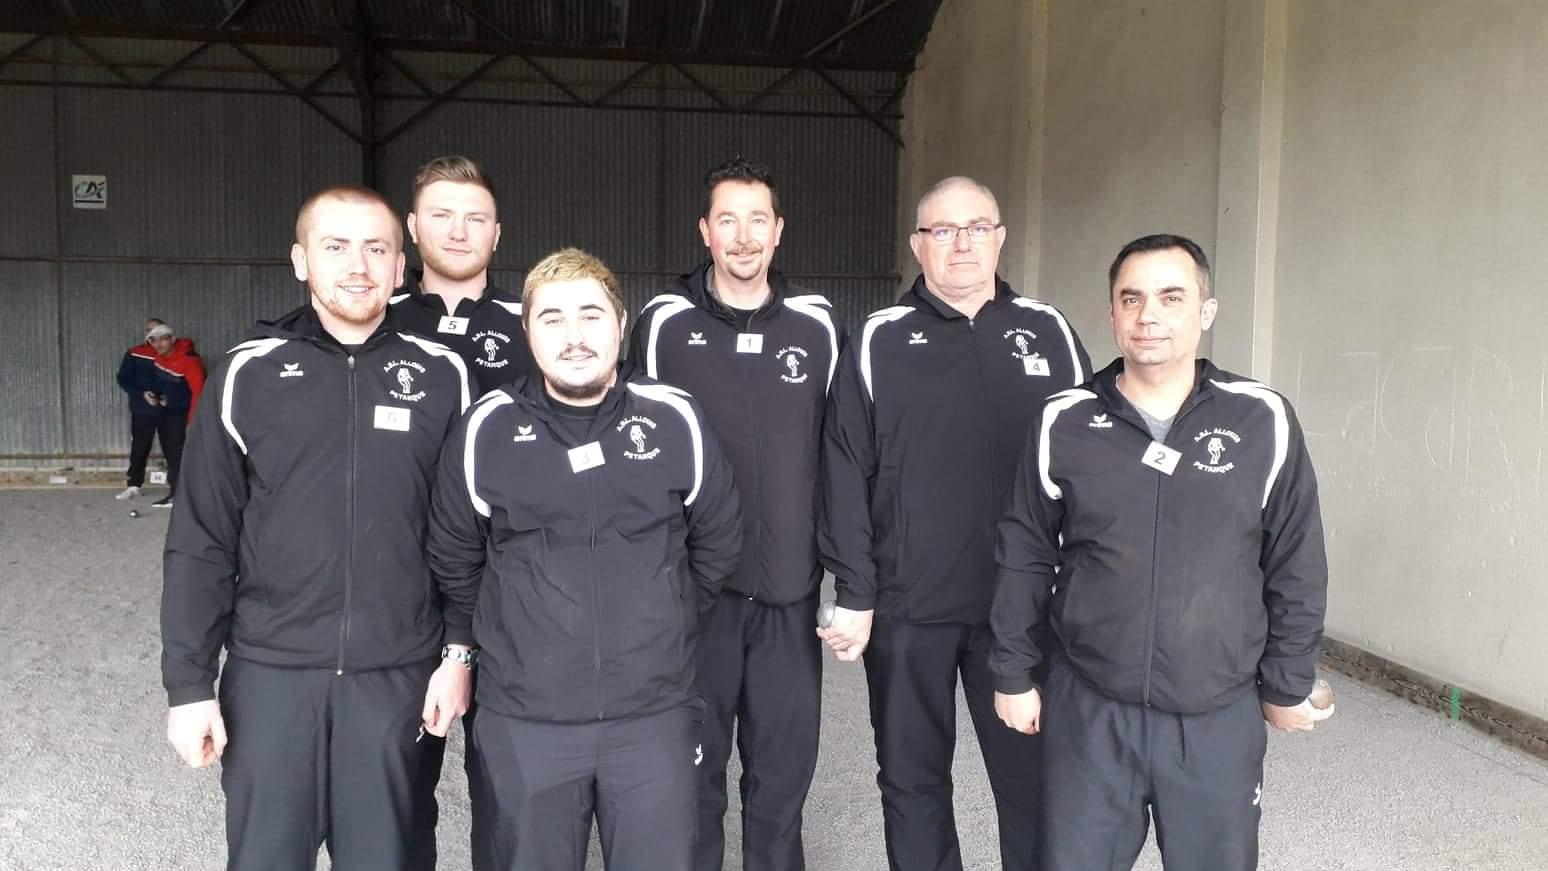 Pour la première journée du championnat des clubs nous avons rencontré l'équipe de Saint Florent 3.   Après un départ chaotique, nous avons dû nous incliner 24 à 12.